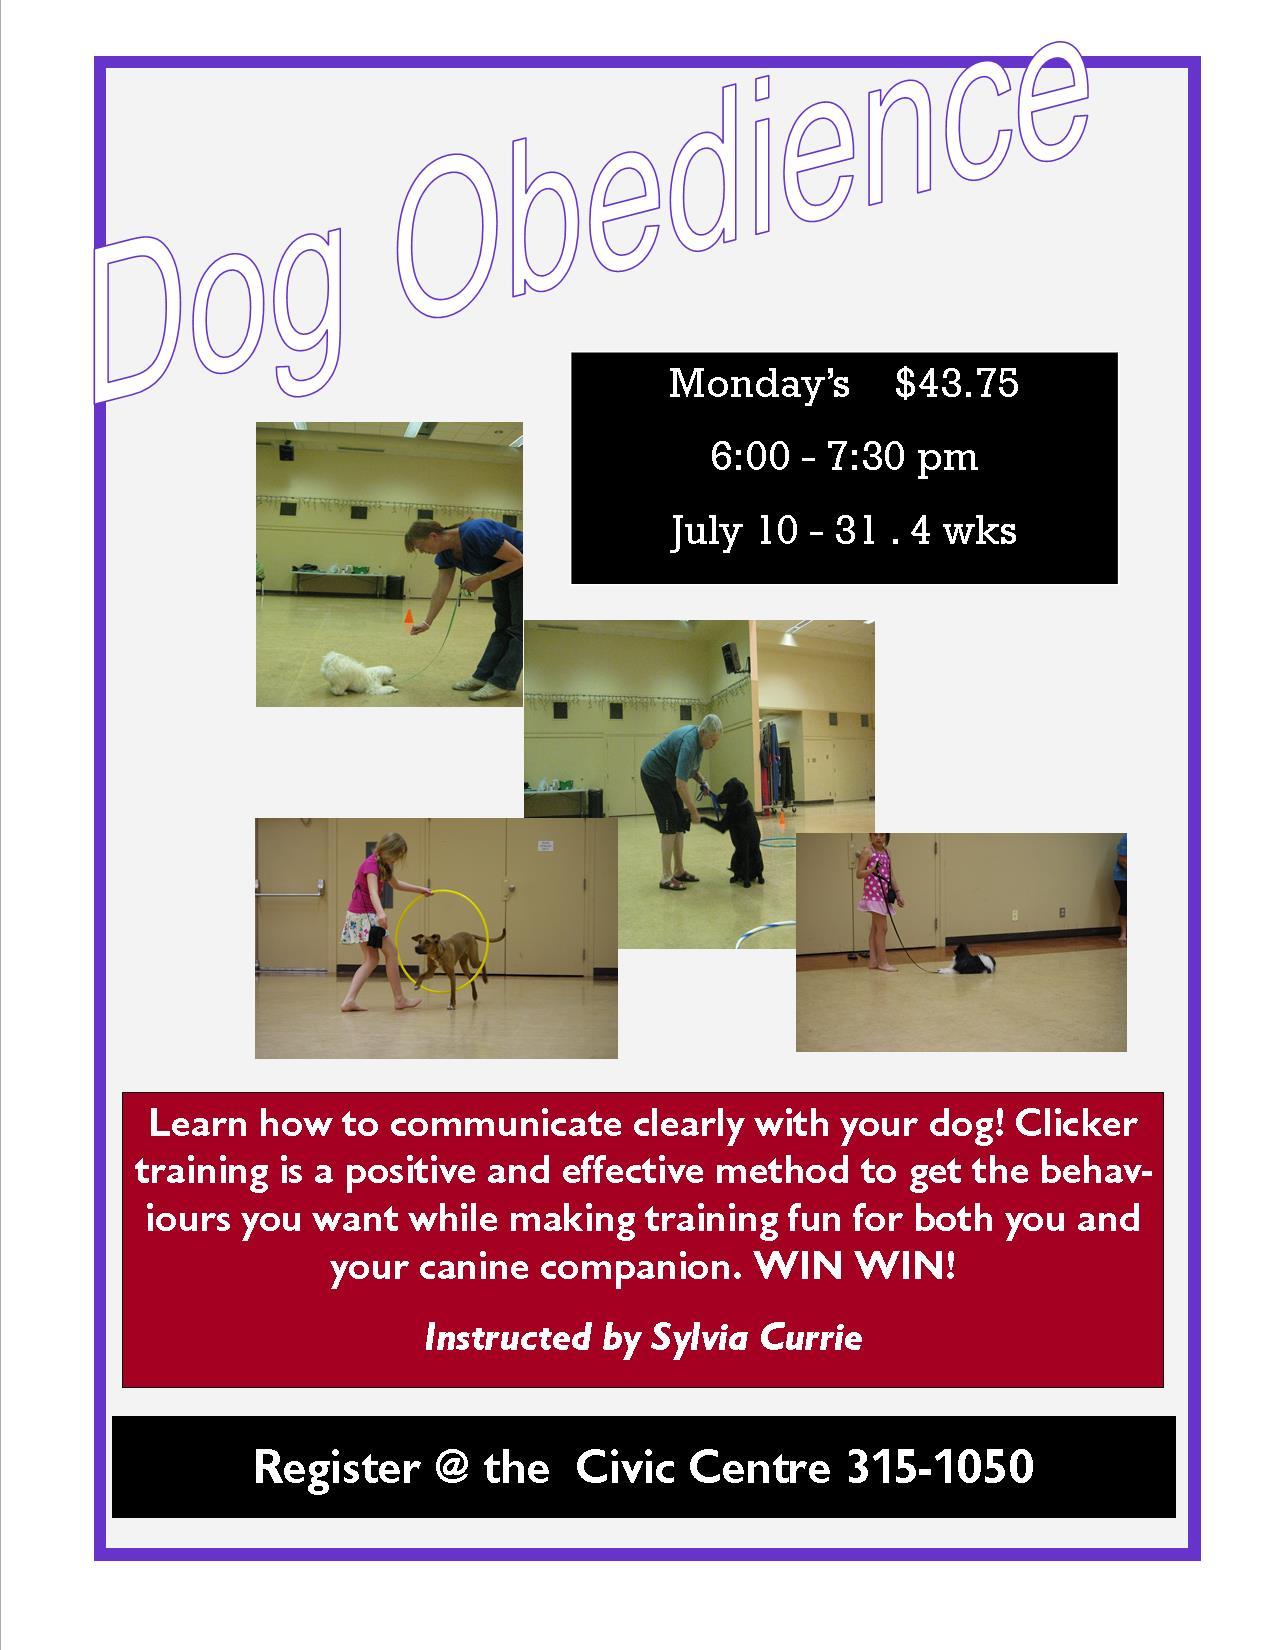 Dog Training Lasses Glenview